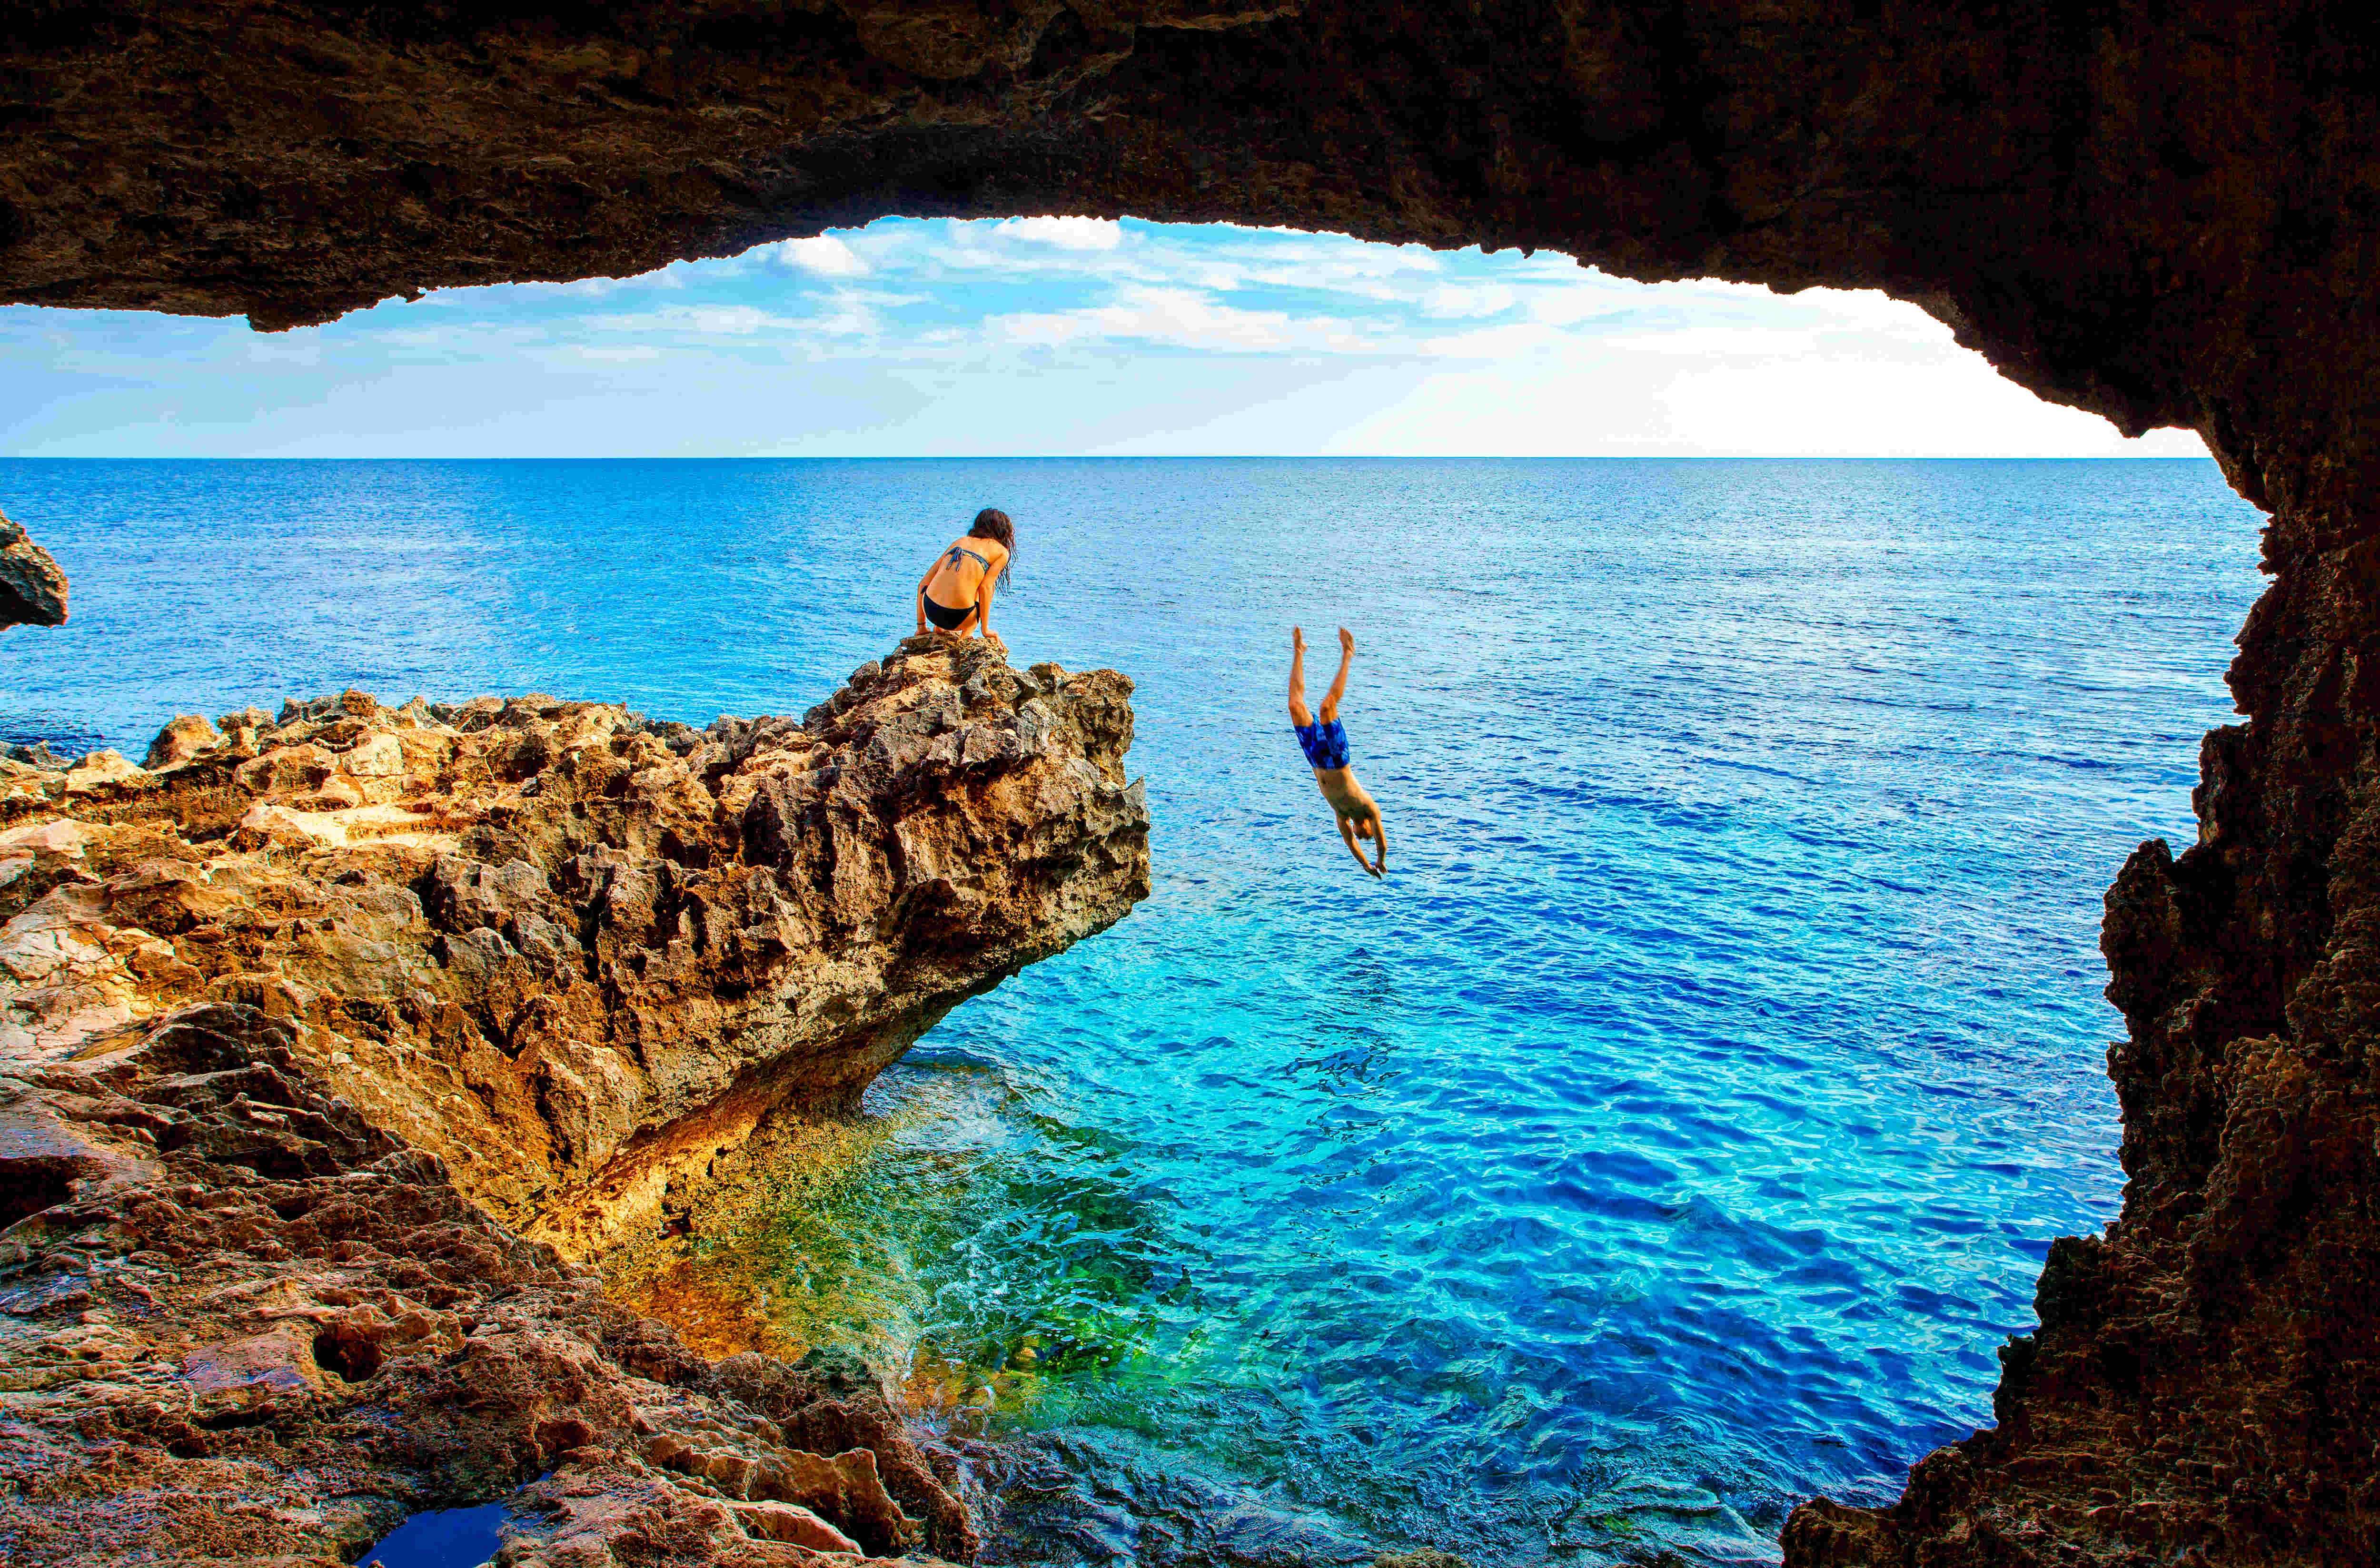 Лучшие пляжи юго-восточного побережья Кипра